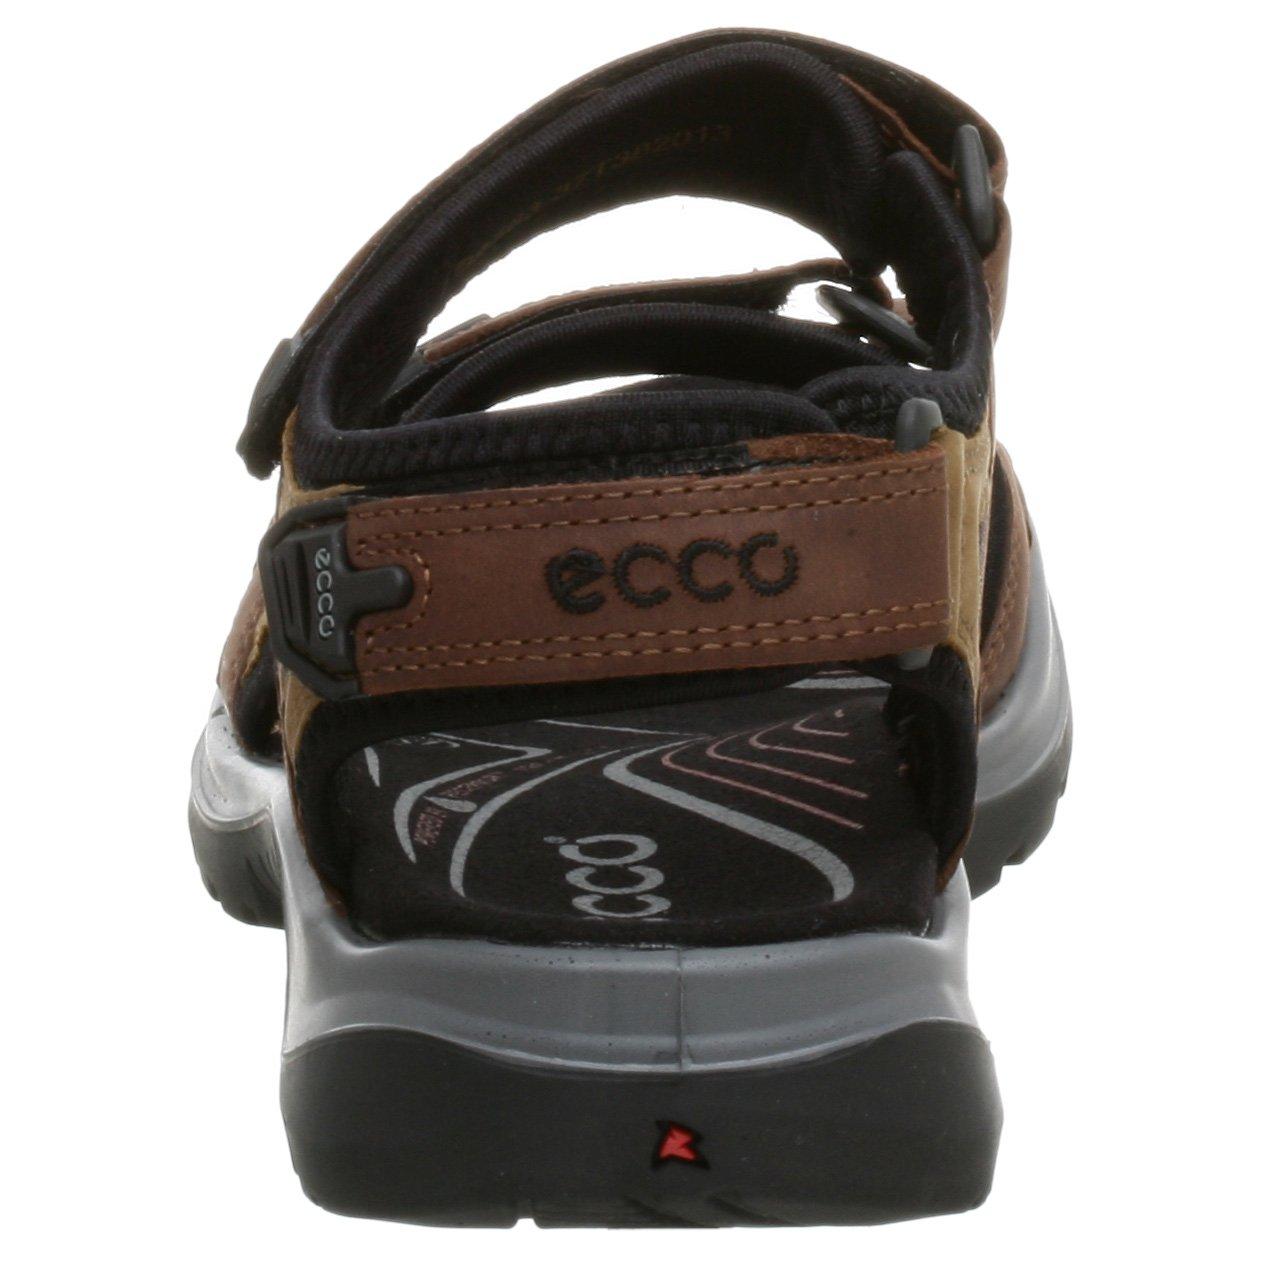 ECCO Damen Offroad Sport- & Outdoor Outdoor Outdoor Sandalen  741a2e